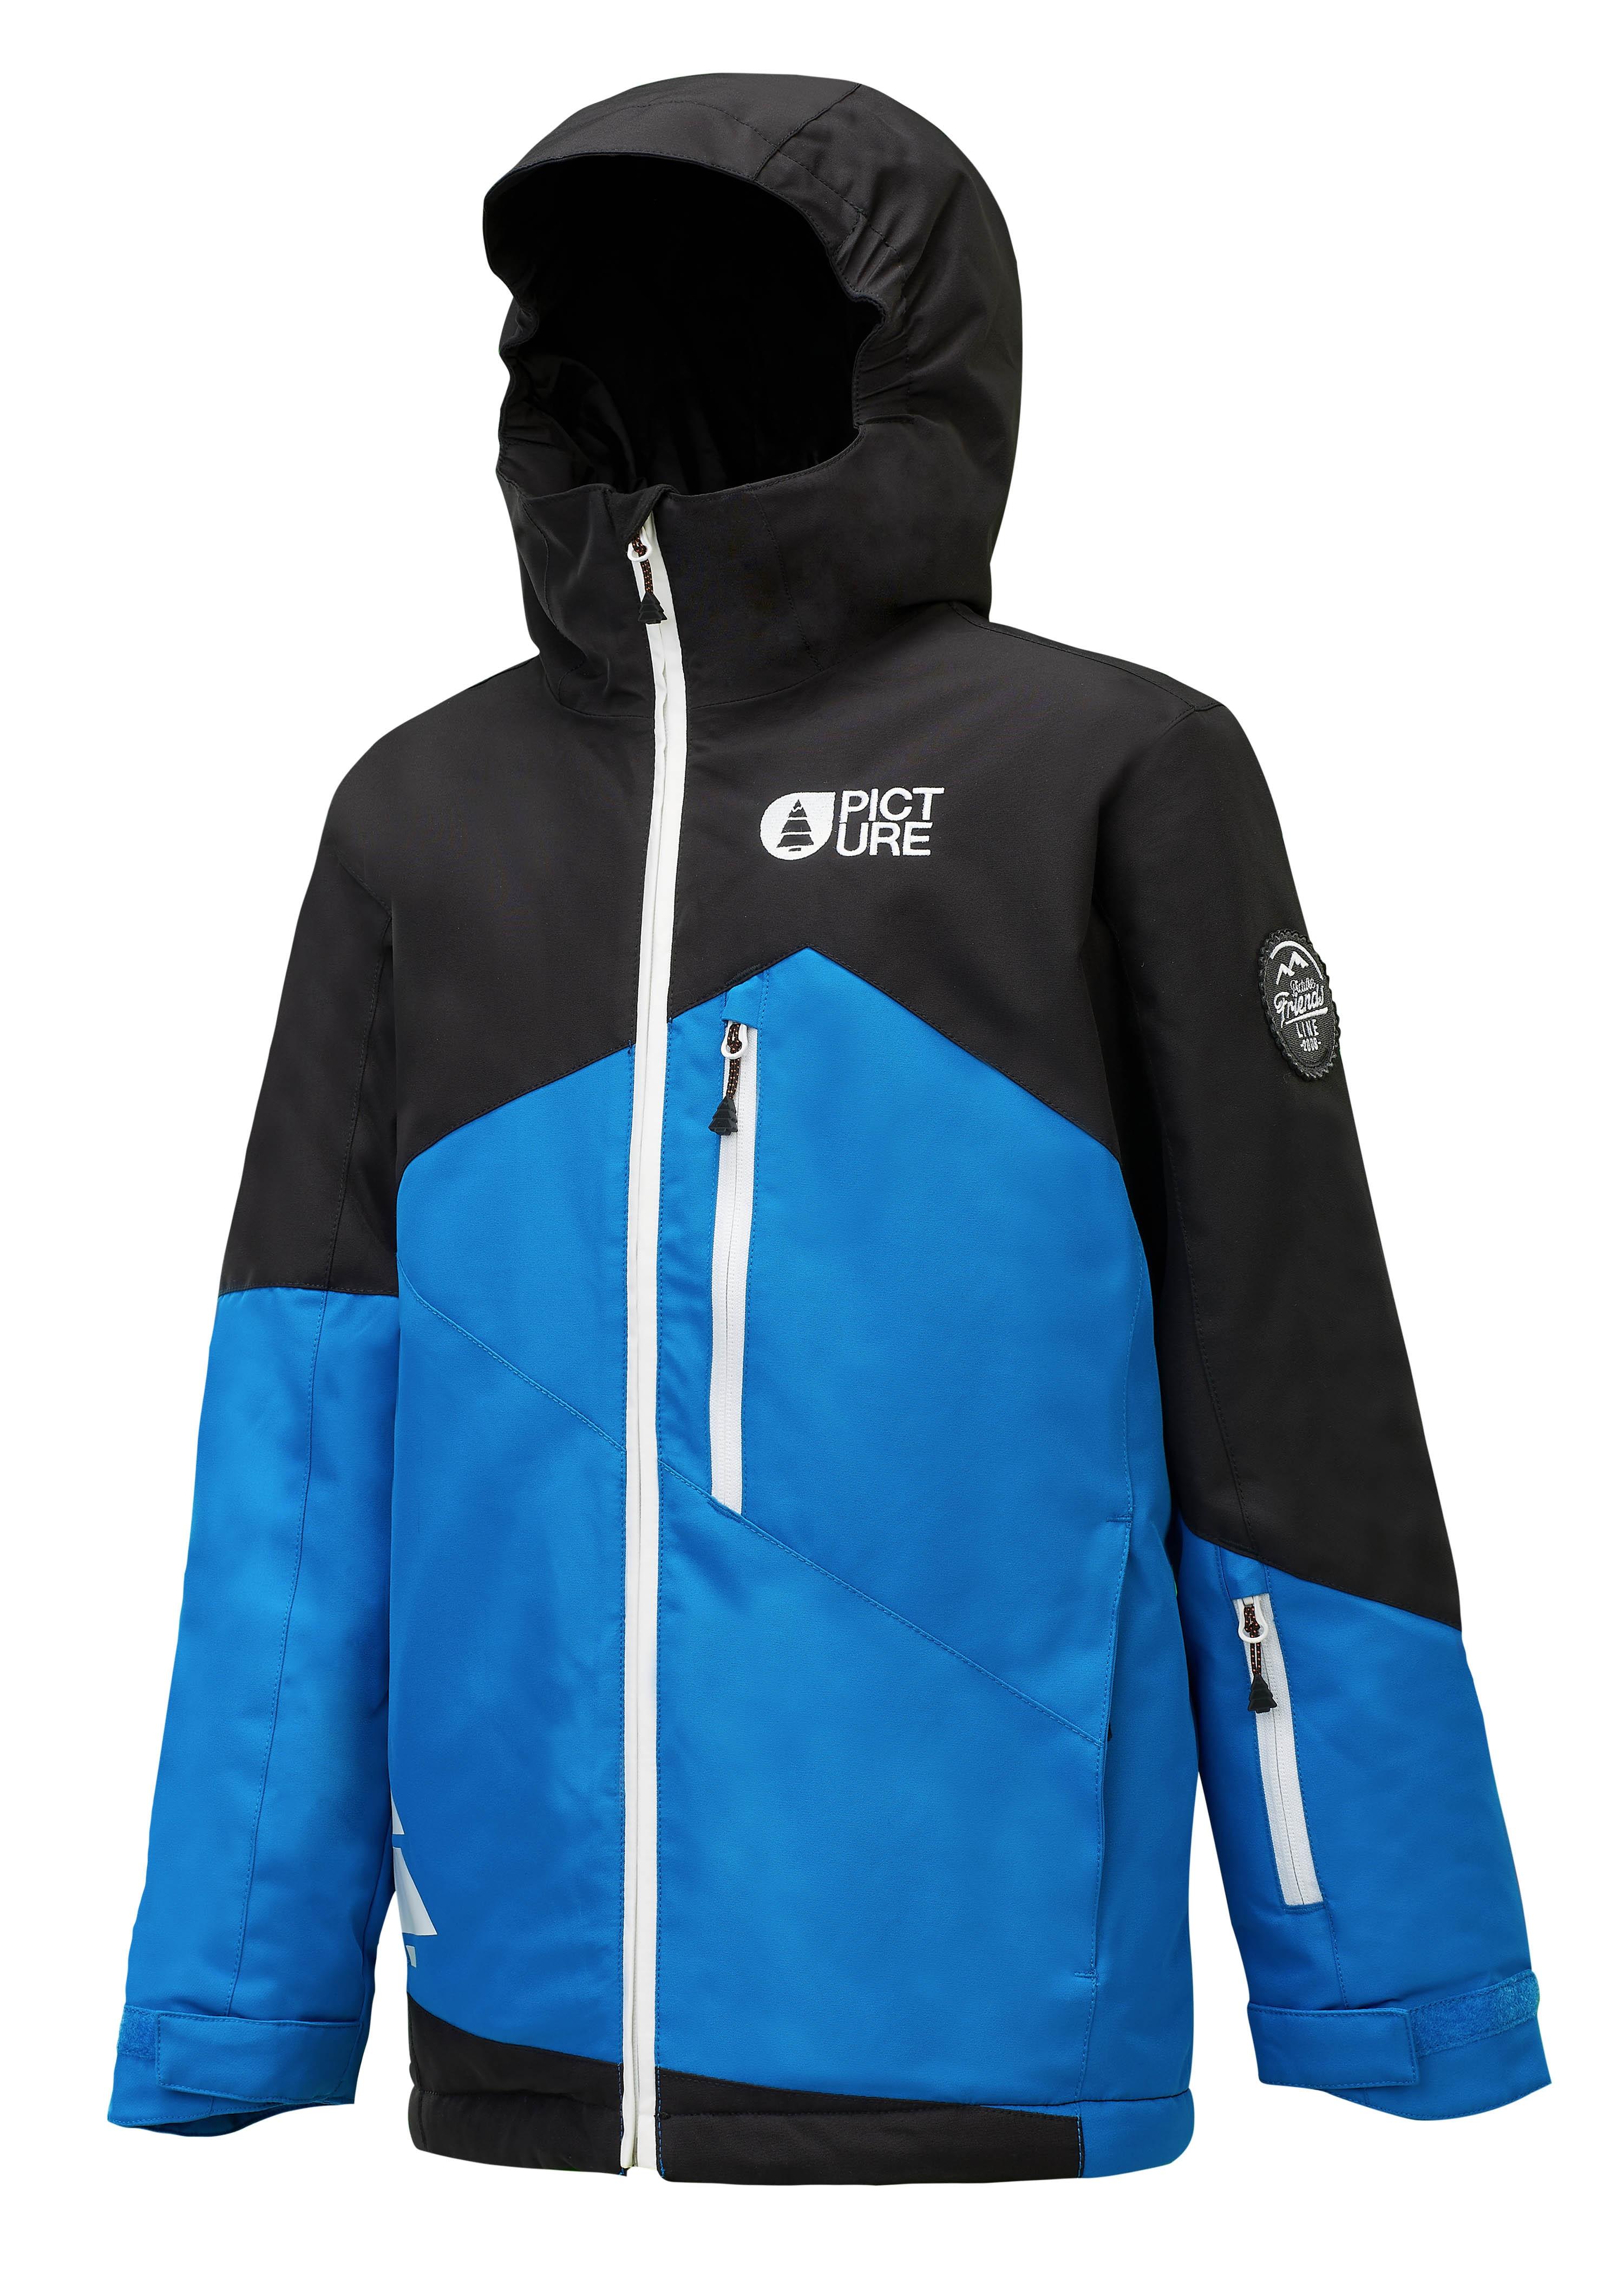 Picture Organic Clothing   veste de ski, pantalon de ski, casque de ski,  vêtement homme, vêtement femme, sac à dos - PRECISION SKI a09aecfdc63